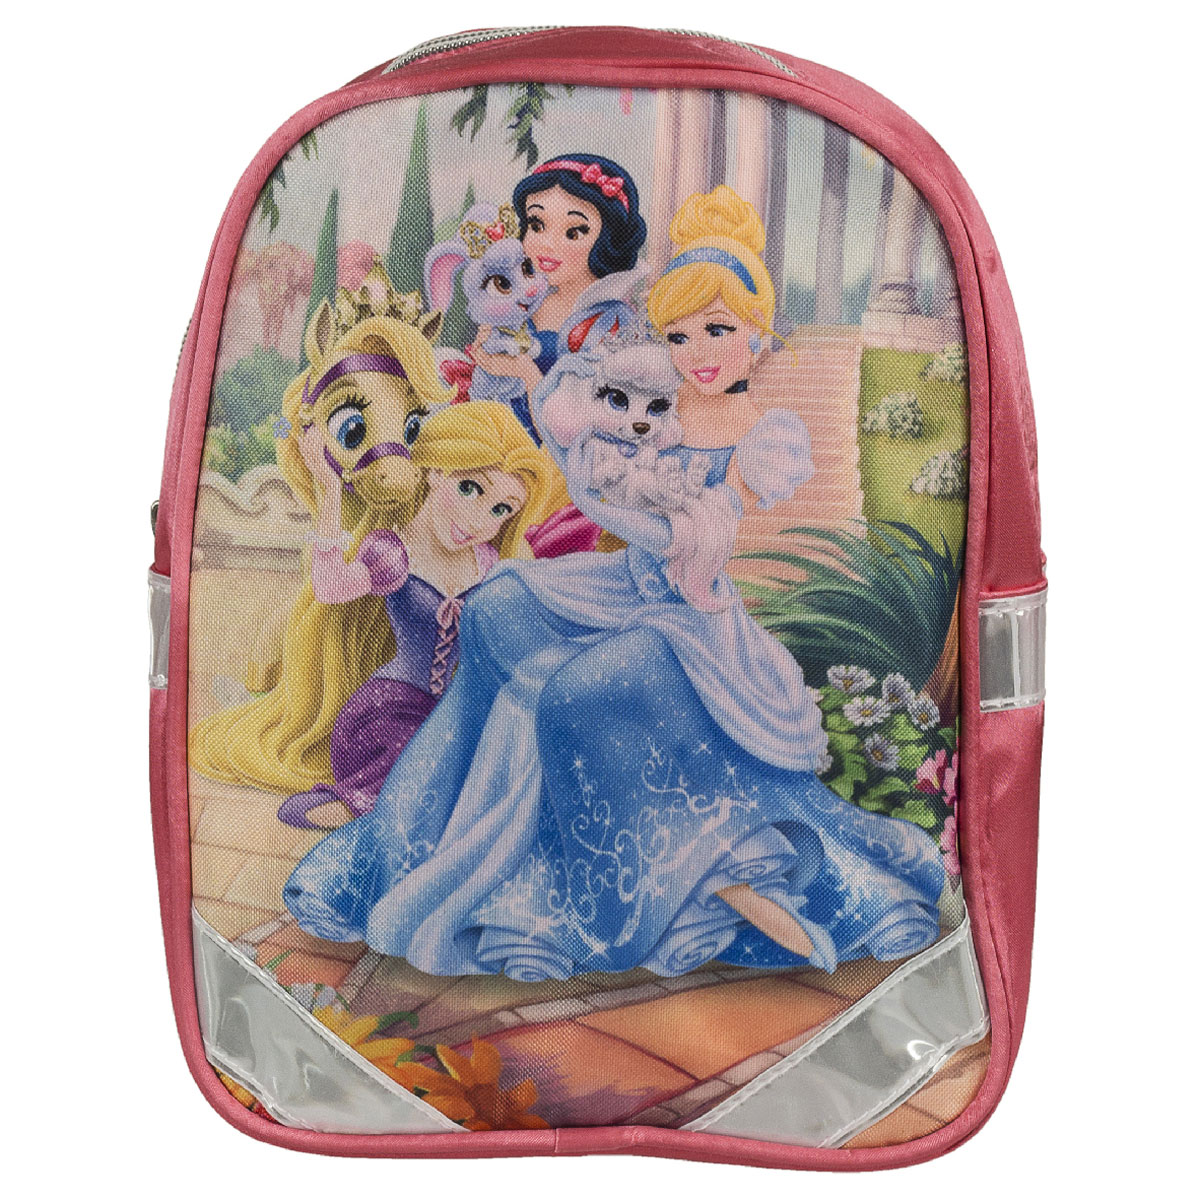 Рюкзак детский Kinderline Princess, цвет: розовый37475Рюкзак детский Kinderline Princess выполнен из износоустойчивых материалов с водонепроницаемой основой, декорирован ярким рисунком. Рюкзак имеет одно вместительное основное отделение, закрывающееся на молнию.Ранец оснащен светоотражателями, удобной ручкой для переноски и двумя широкими лямками, регулируемой длины. С модным рюкзаком Princess ваша малышка будет звездой! Стильный и продуманный до мелочей рюкзак позаботится о том, чтобы прогулки доставляли ребенку только удовольствие.